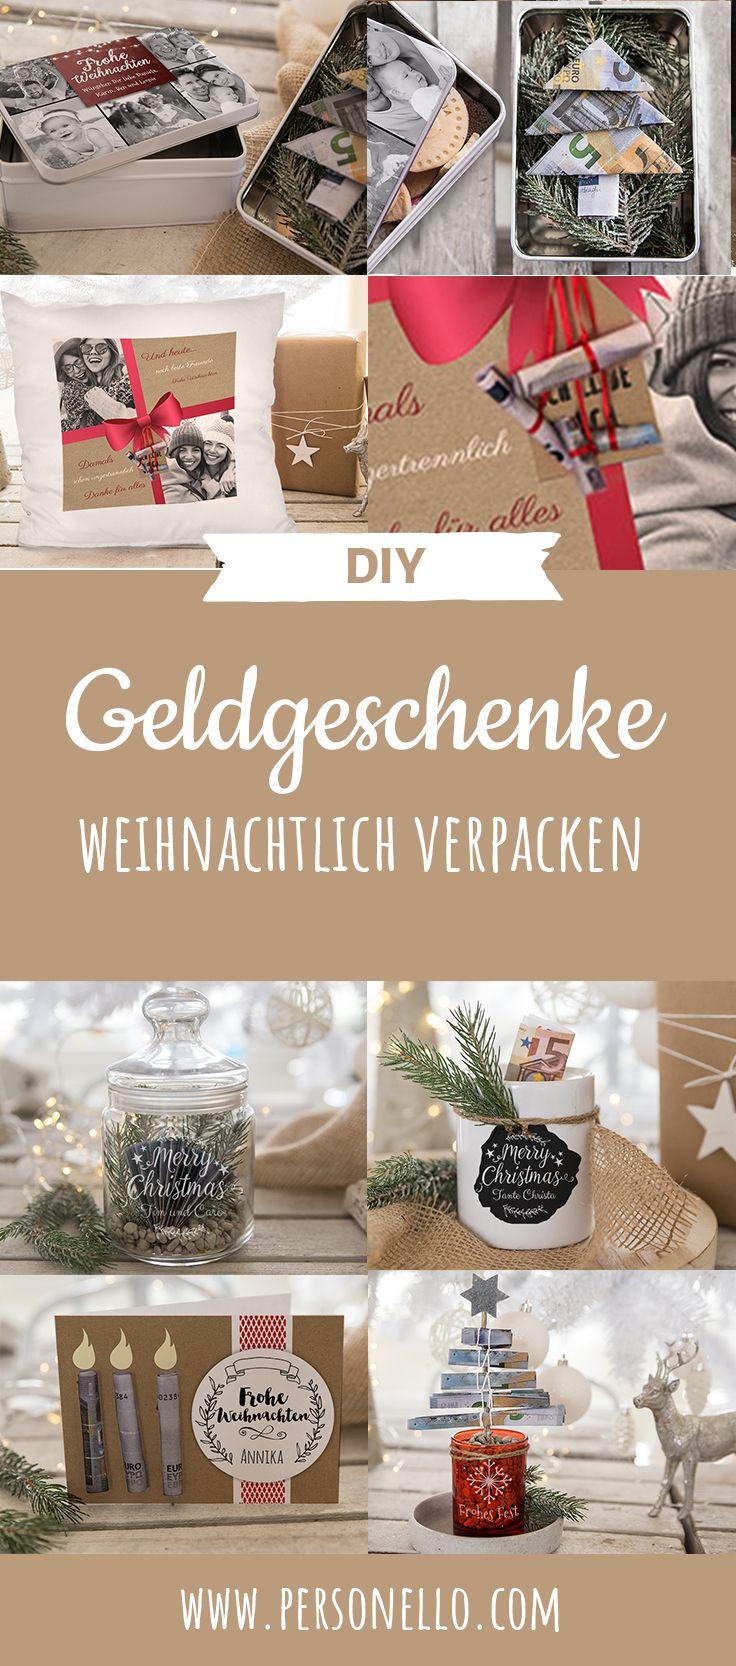 Geldgeschenke Weihnachtlich Verpacken Weihnachten Naht Und Somit